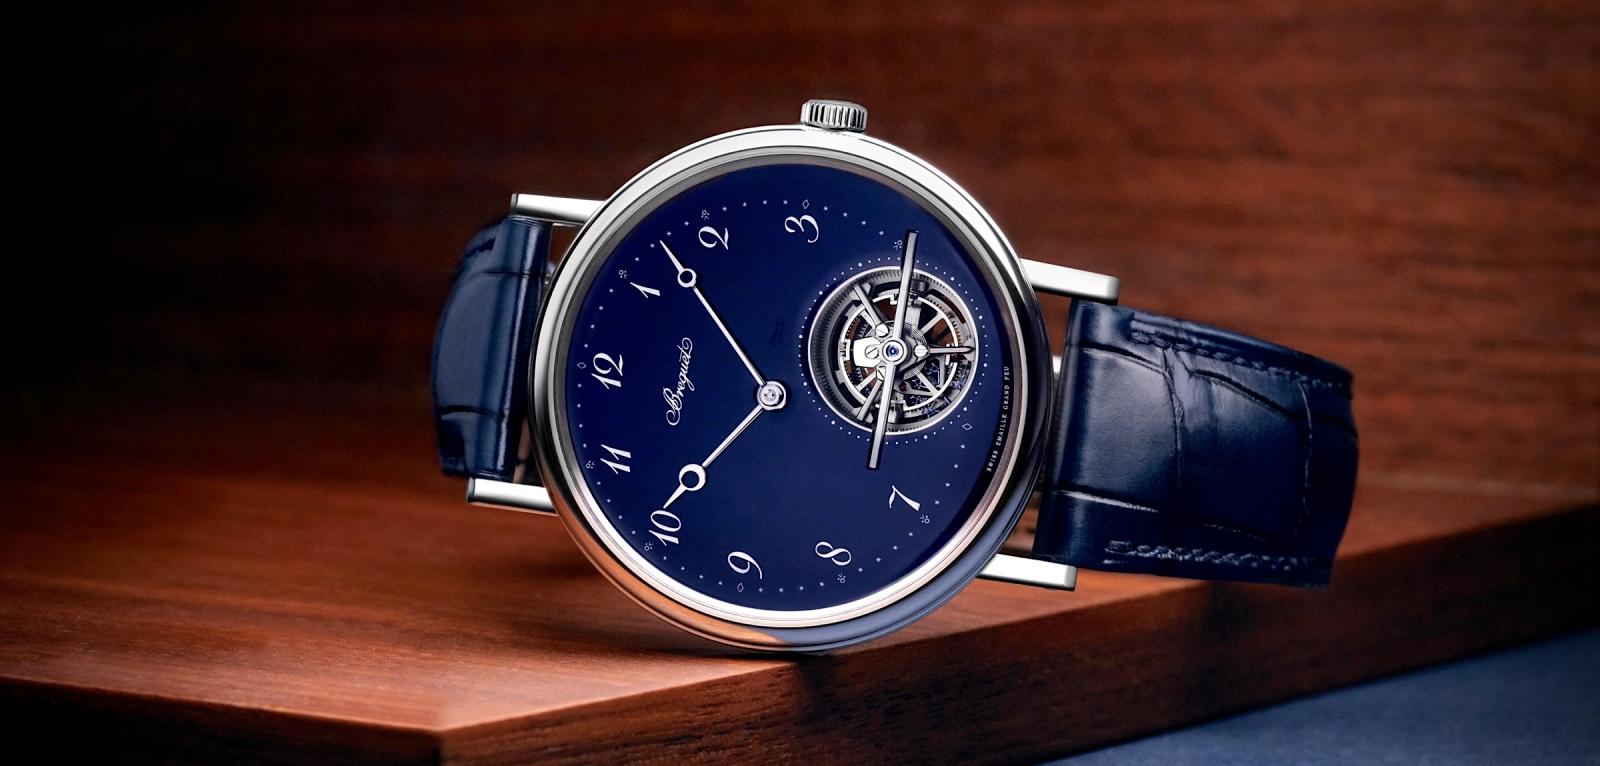 Breguet Classique Tourbillon Extra-Plat Automatique 5367 Blue